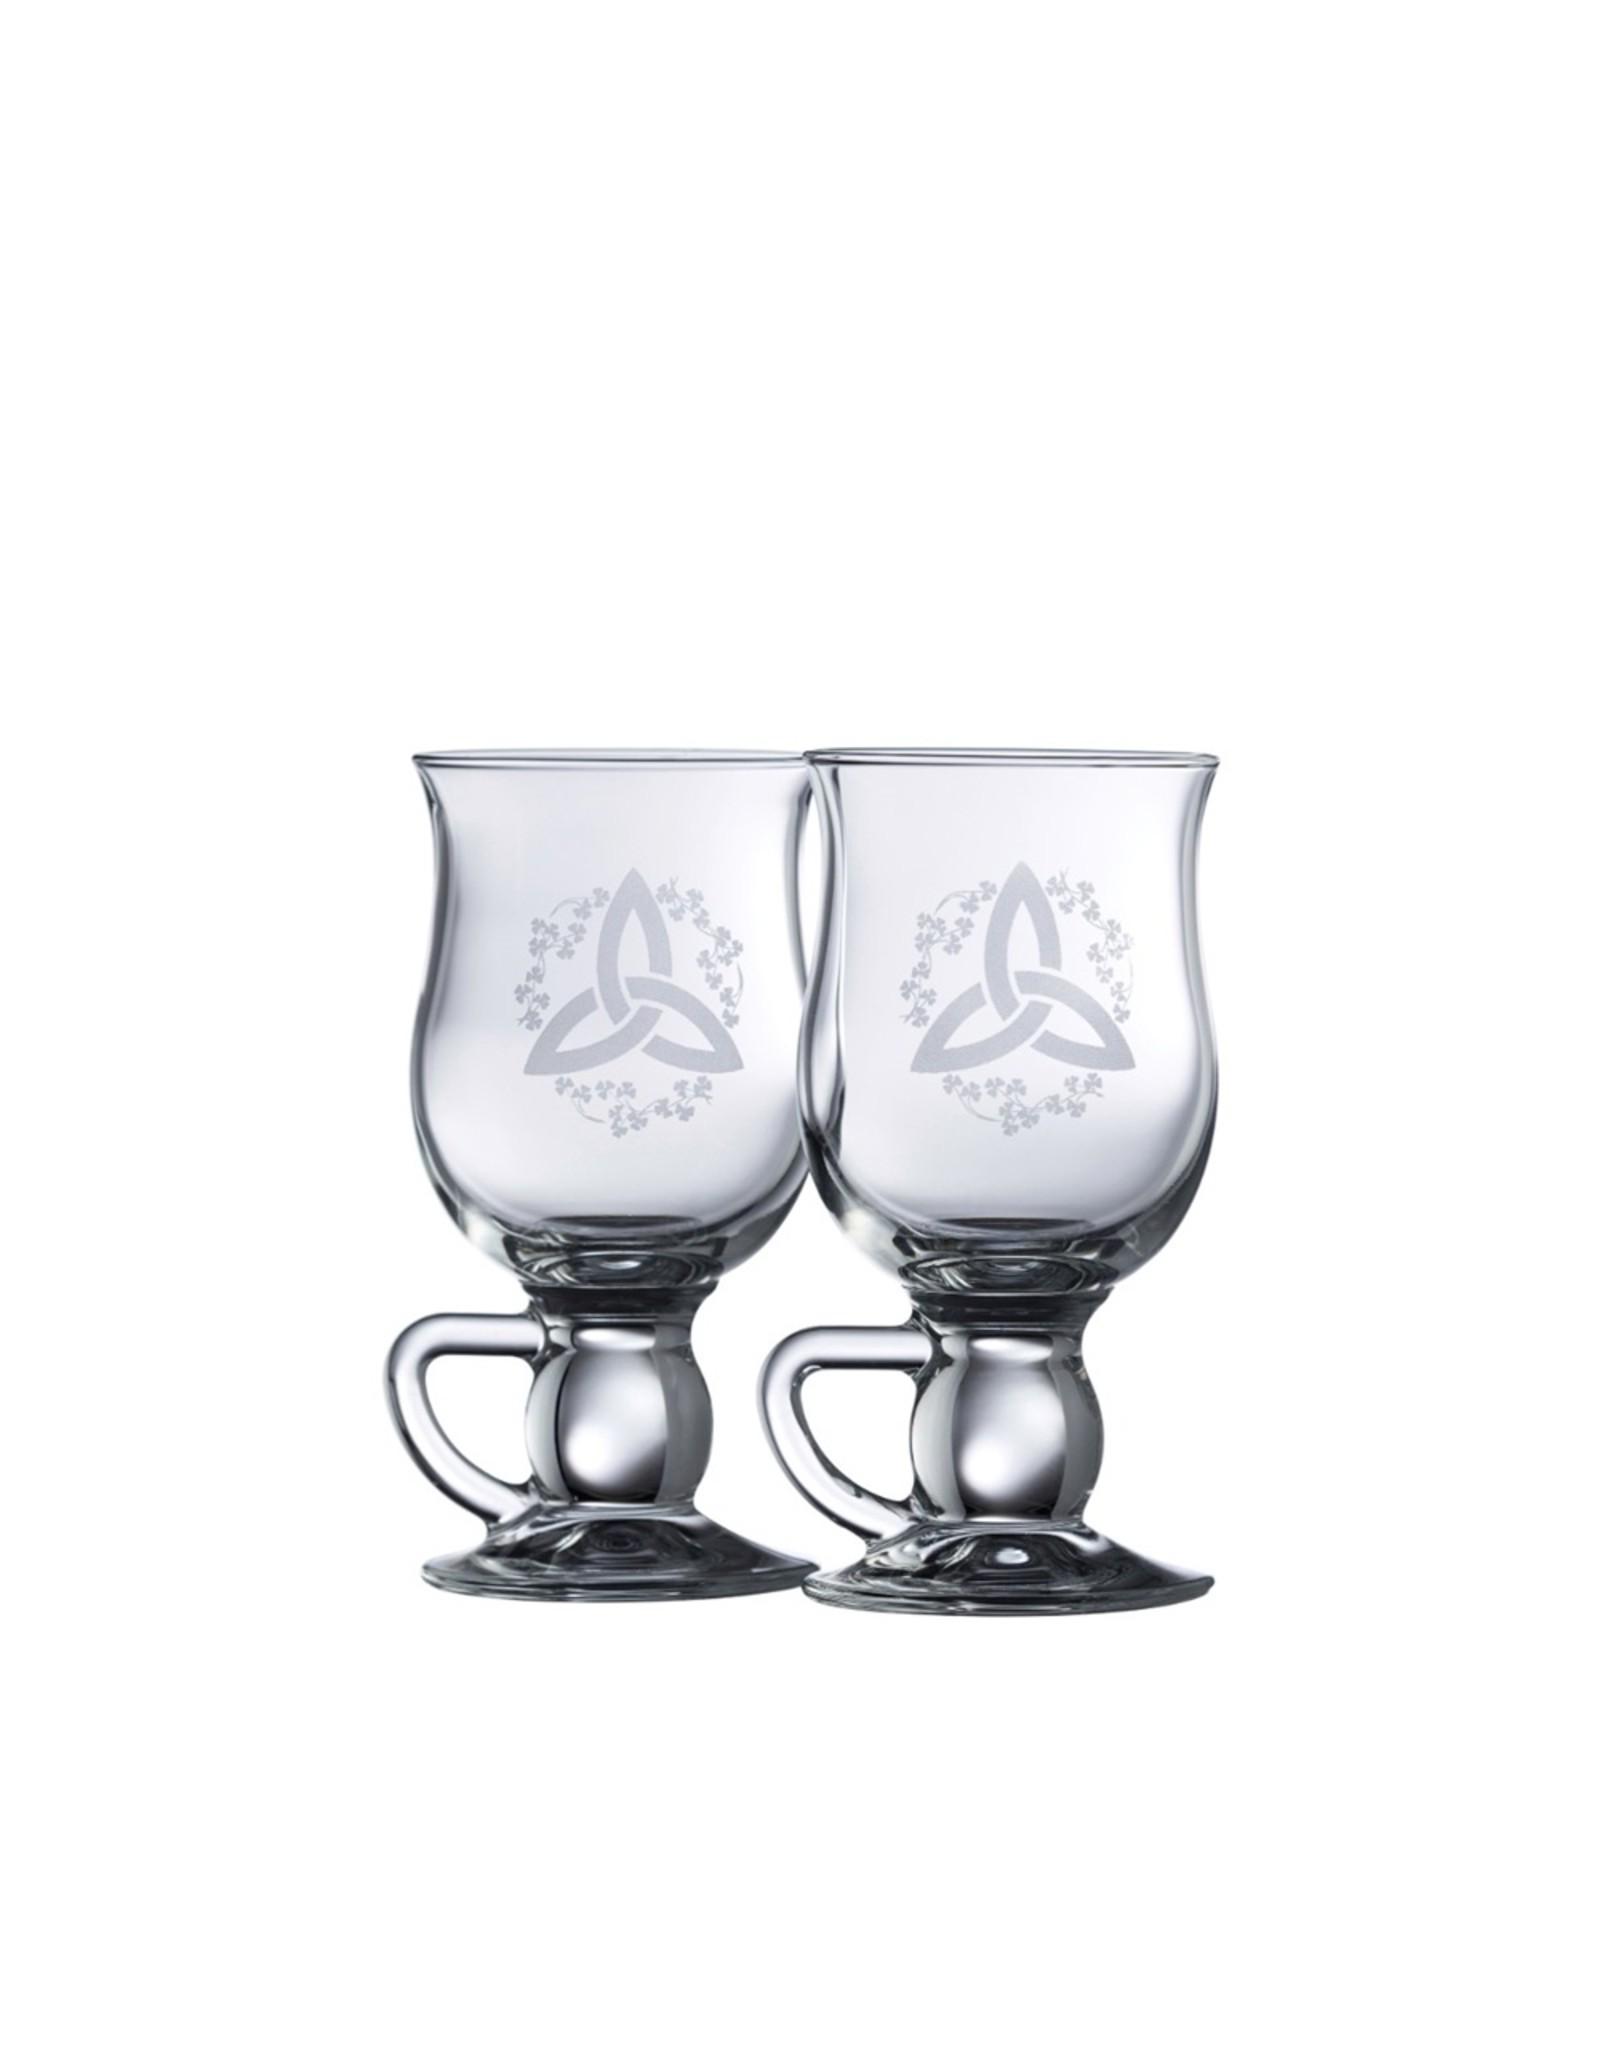 Galway Crystal Trinity Knot Latte Mugs Pair By Belleek